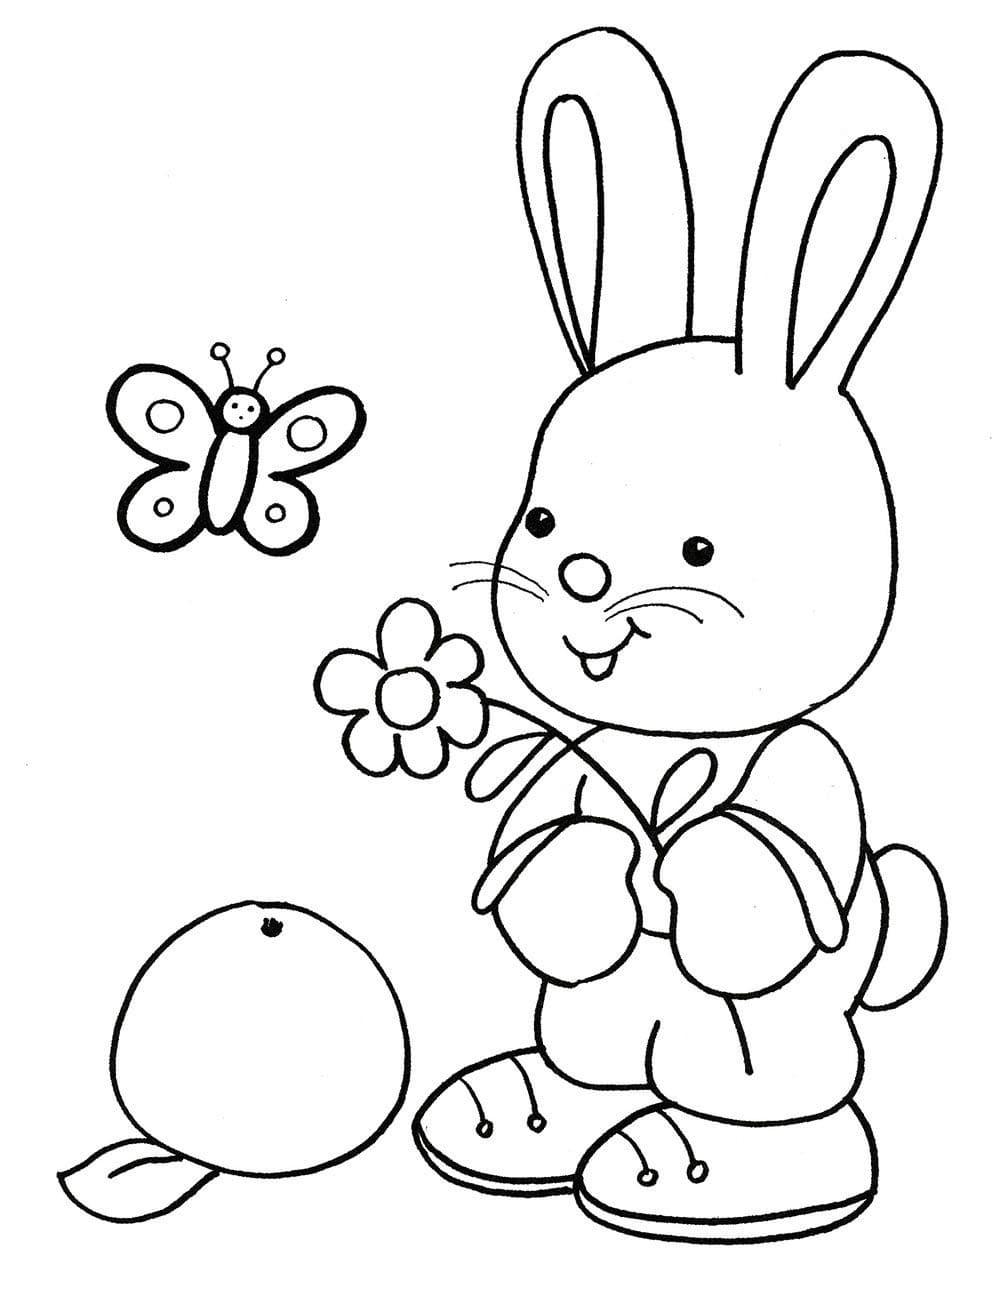 Coloriage Pour Les Enfants De 5 Ans. Imprimer Gratuitement tout Jeux Gratuit Pour Fille De 5 Ans